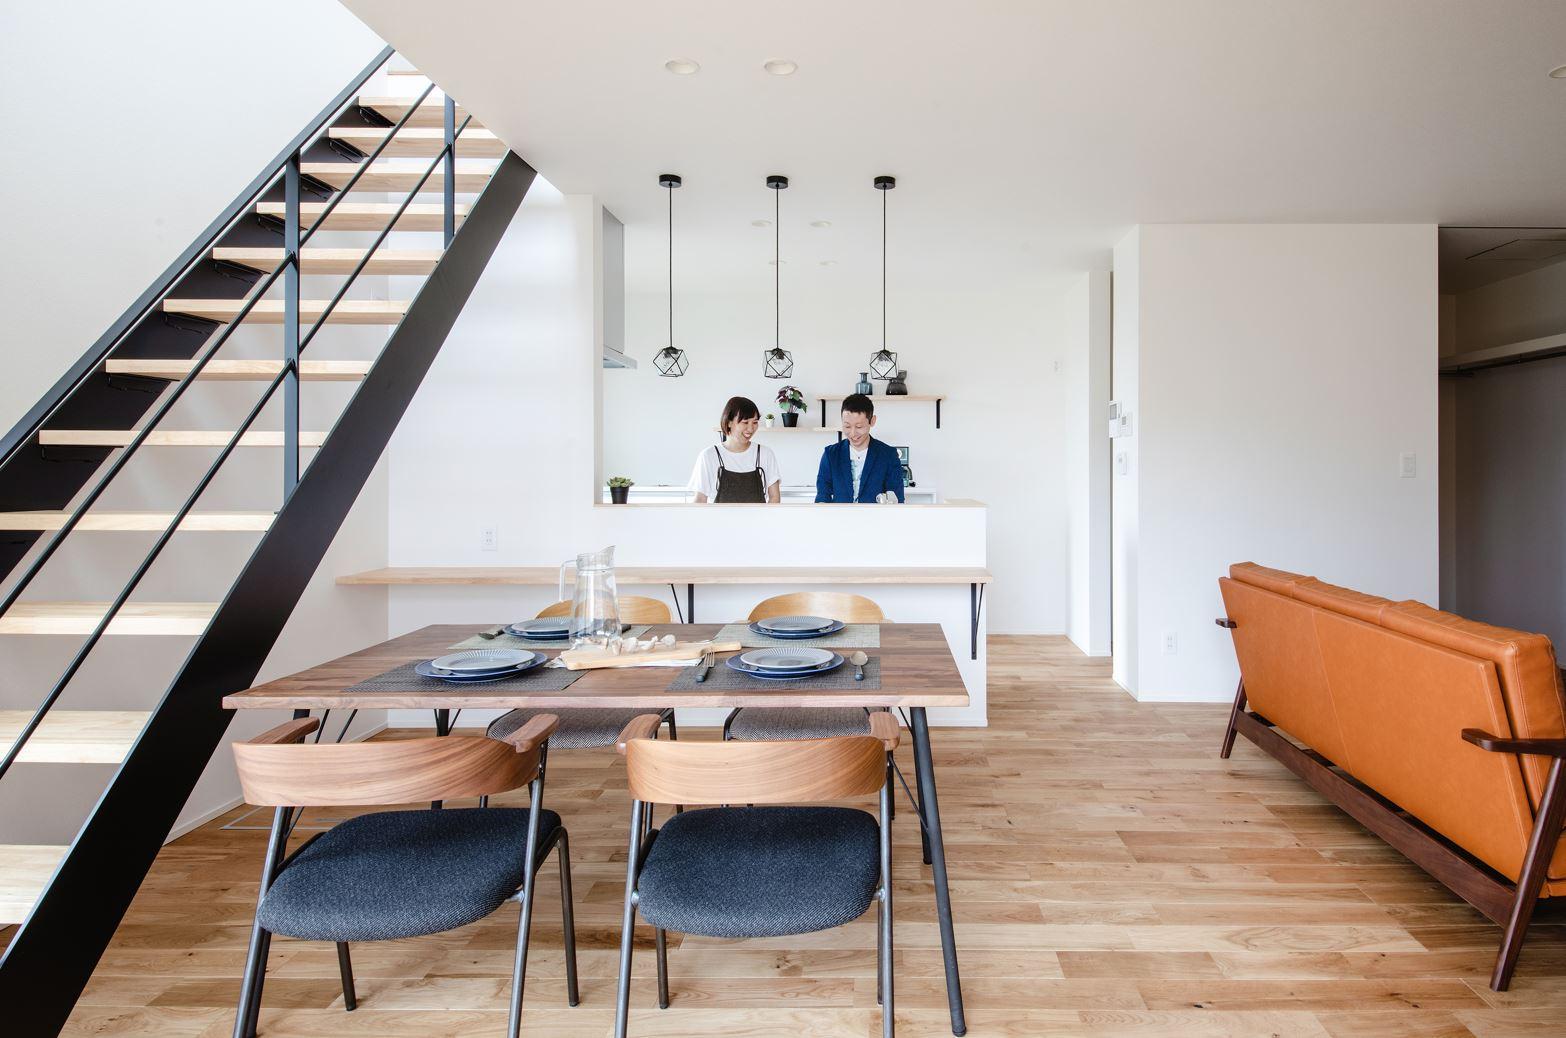 S.CONNECT(エスコネクト)【デザイン住宅、省エネ、建築家】木とアイアンの素材感がカッコイイスケルトン階段